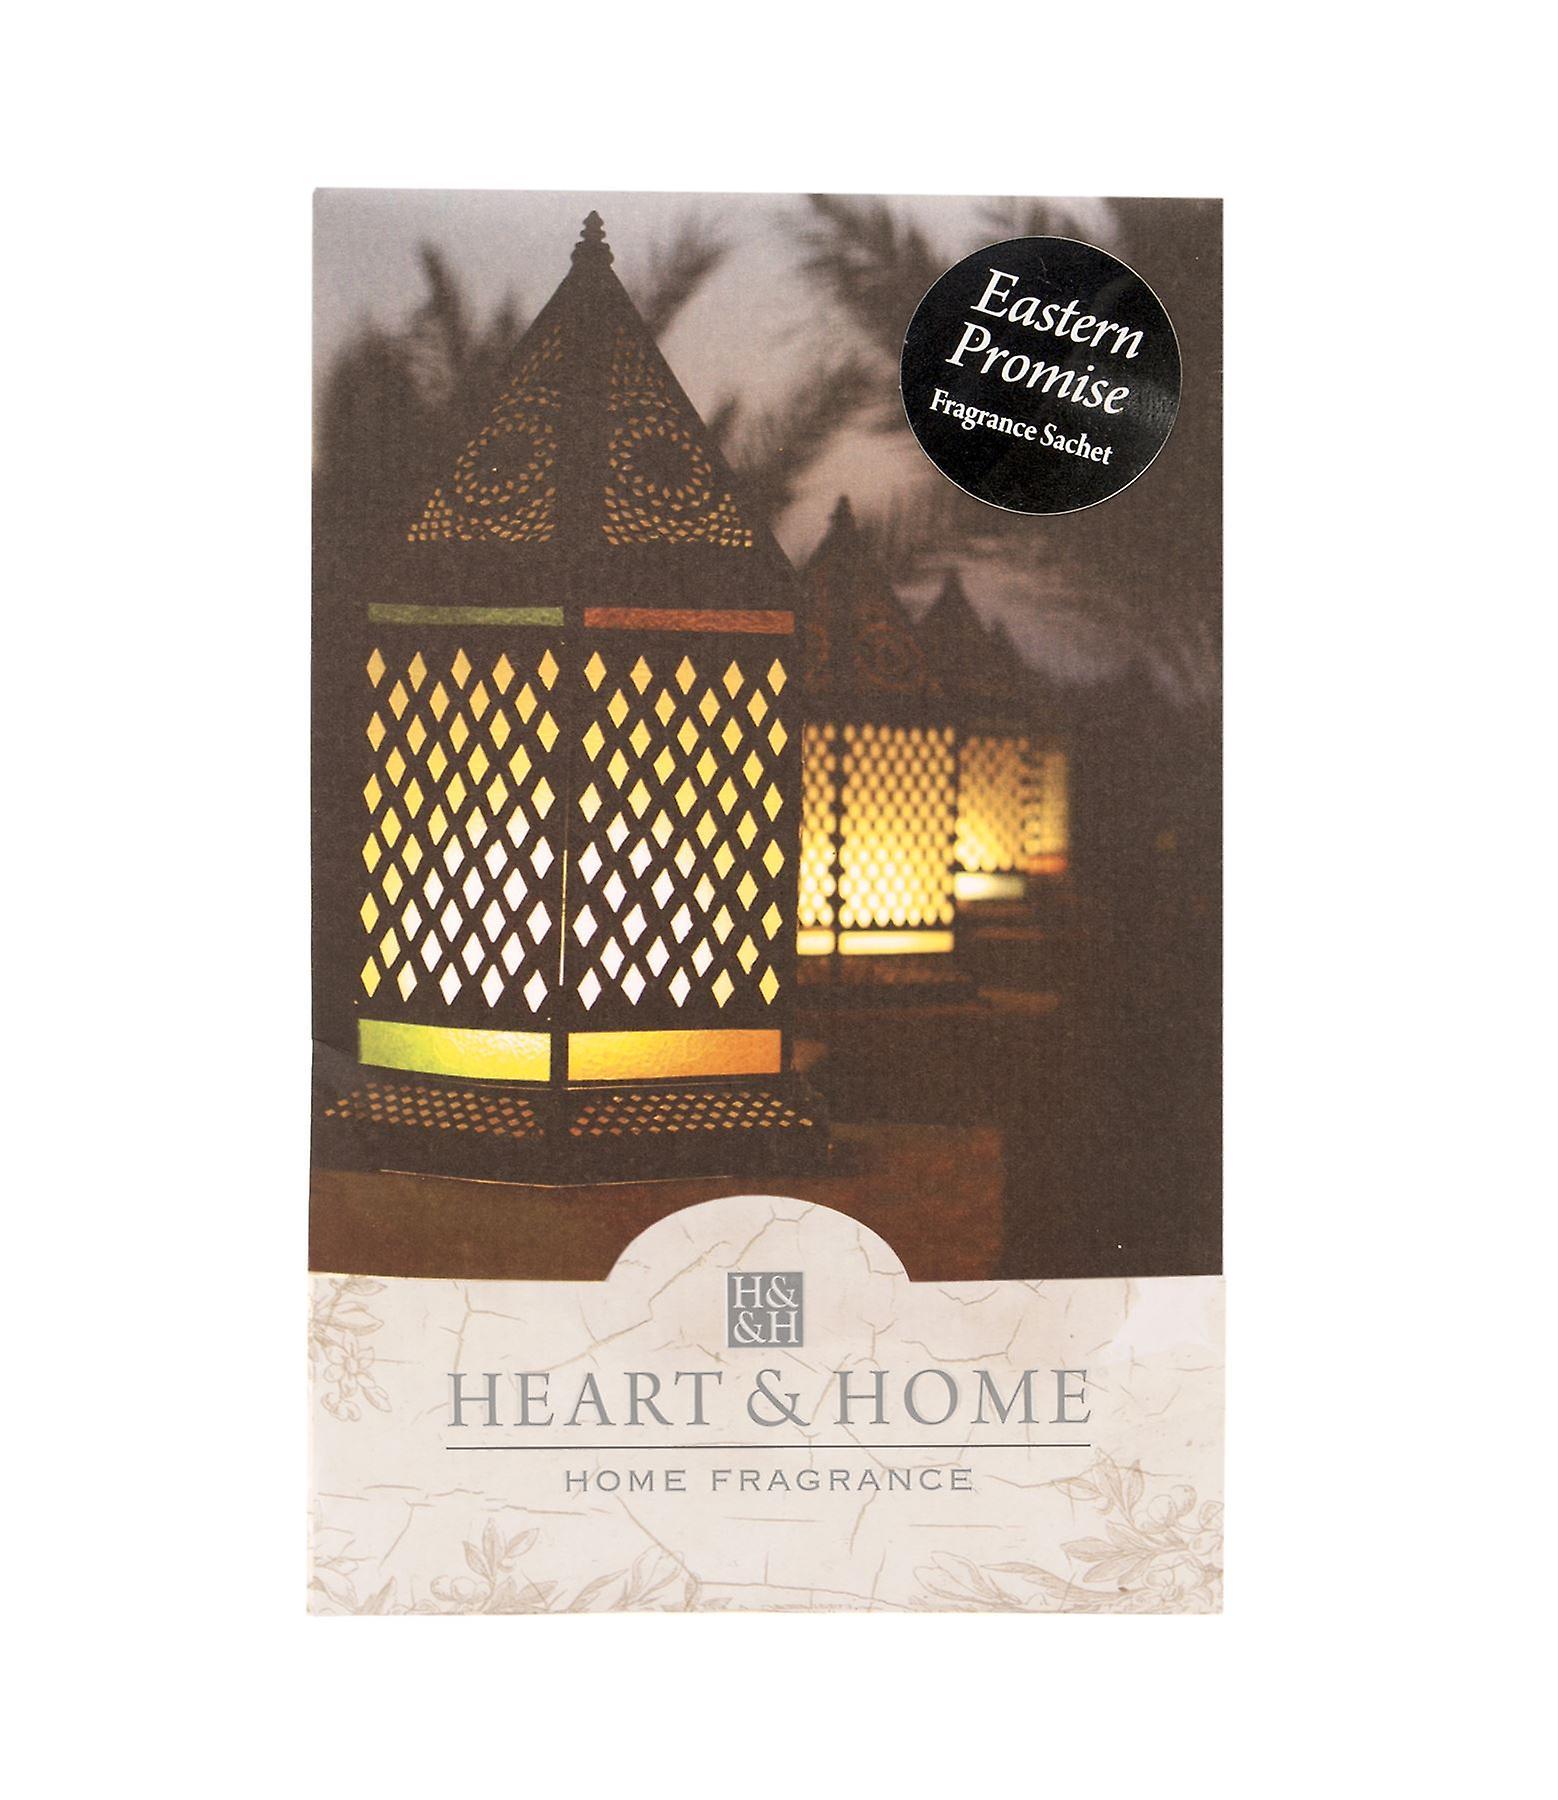 Heart & Home Large Sachet 100ml - Eastern Promise